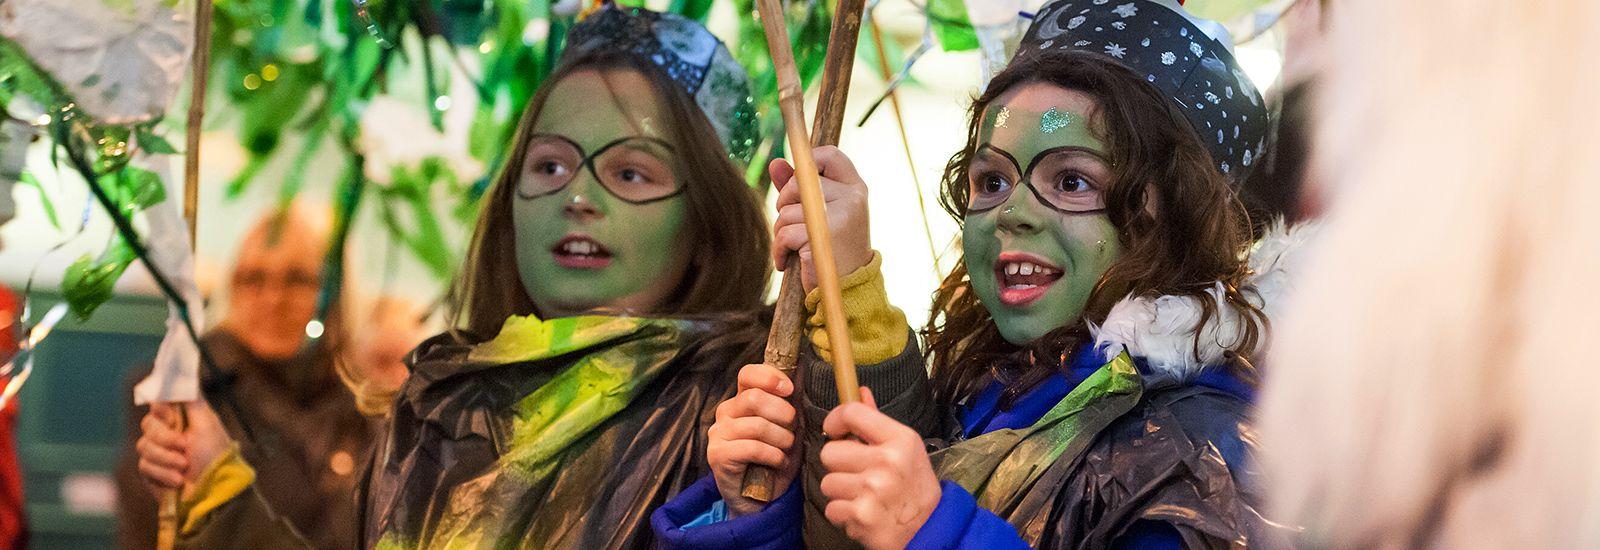 Children taking part in the city's Light Night Festival